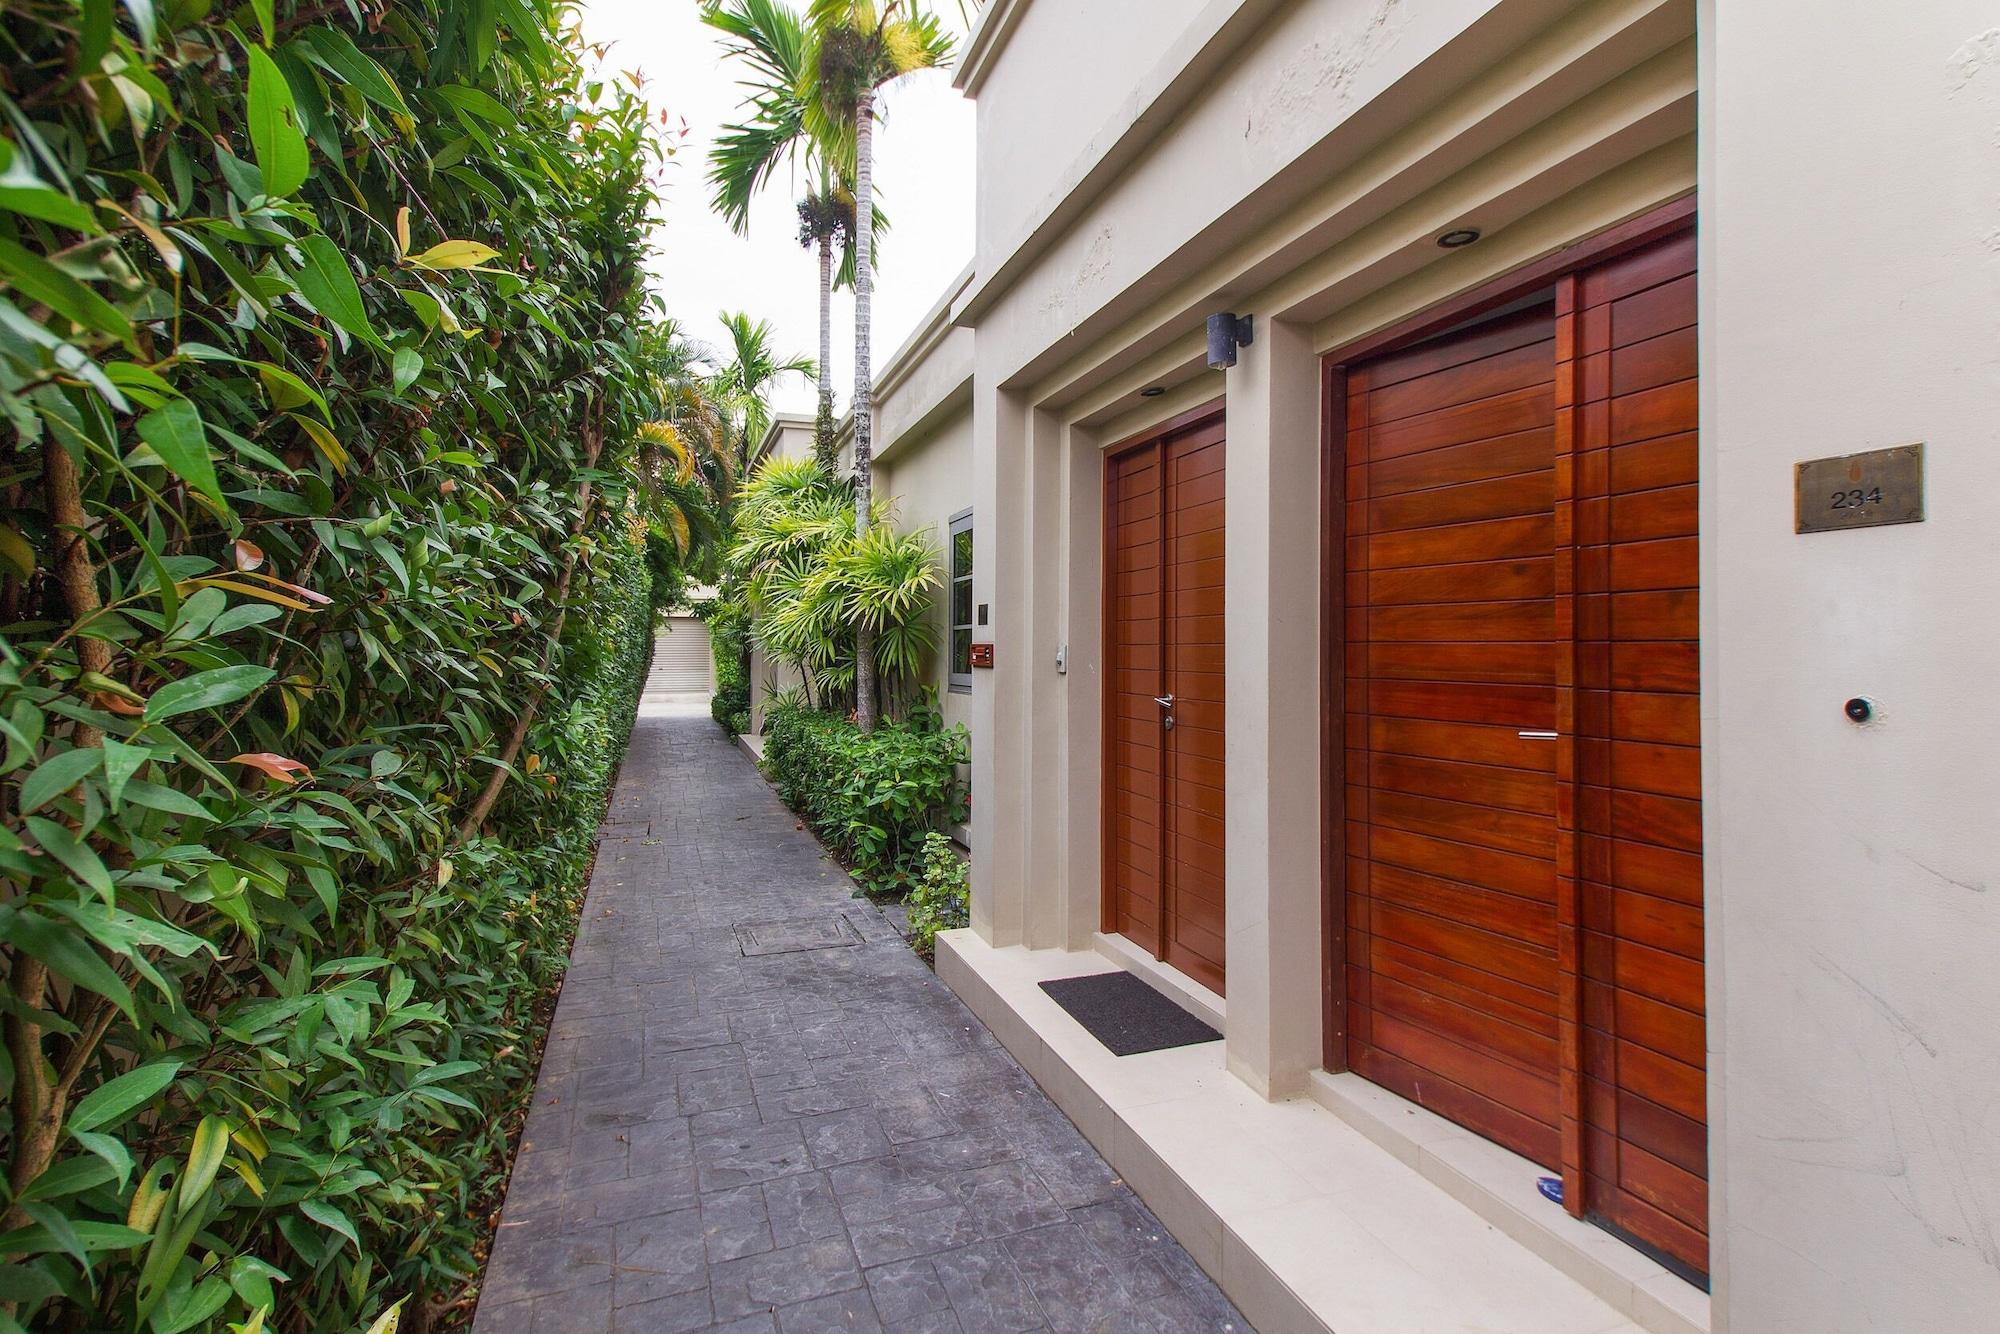 The Residence #235, Pulau Phuket